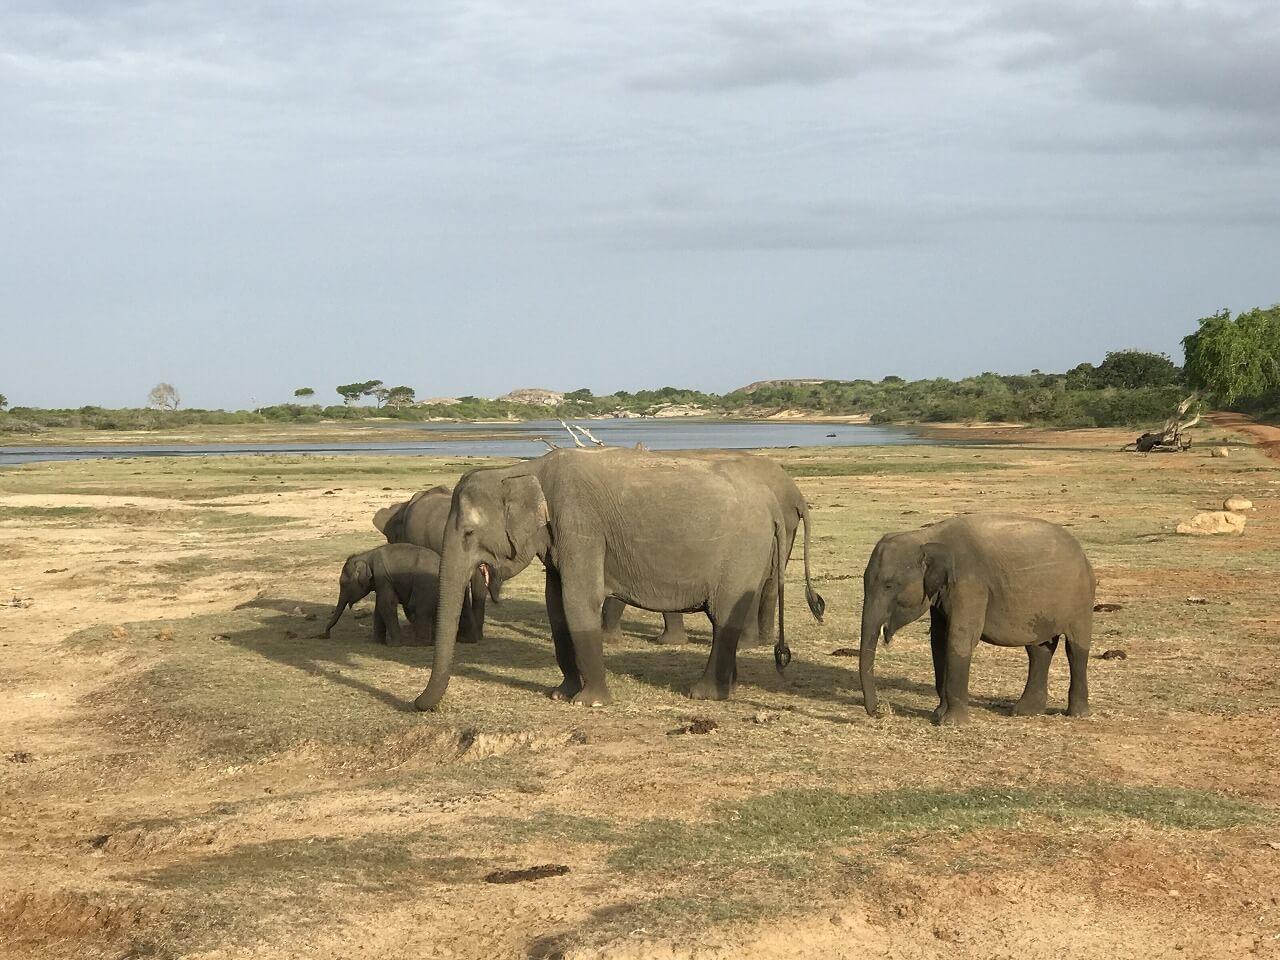 スリランカのサファリ 3象